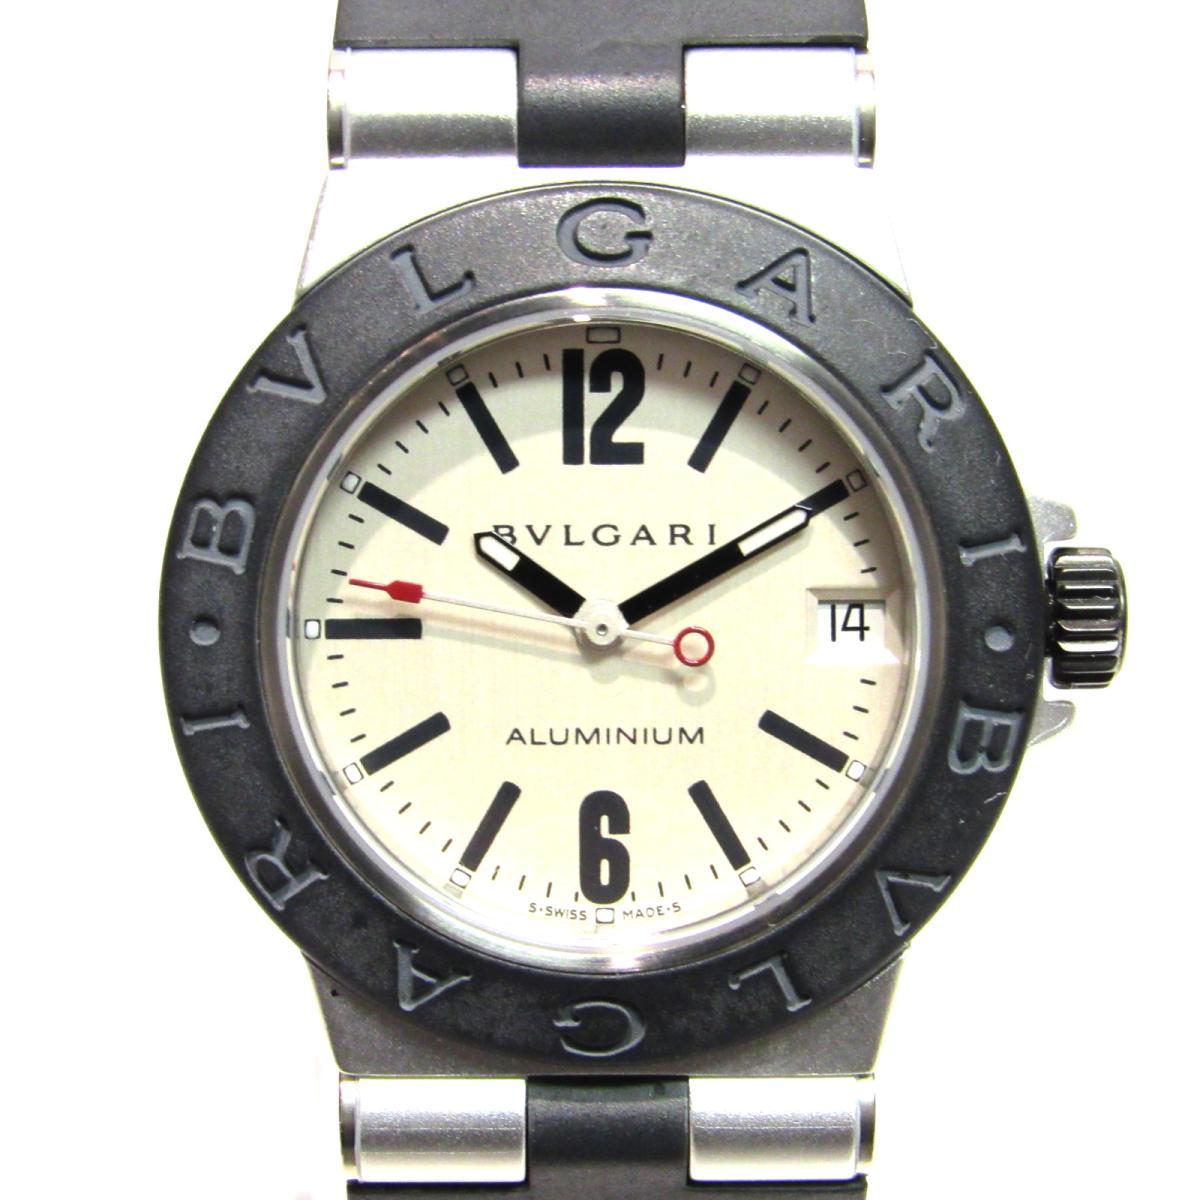 【中古】 ブルガリ アルミニウム 腕時計 ウォッチ メンズ レディース アルミニウム x ラバー ブラック x シルバー (AL32TA) | BVLGARI クオーツ クォーツ 時計 アルミニウム 美品 ブランドオフ